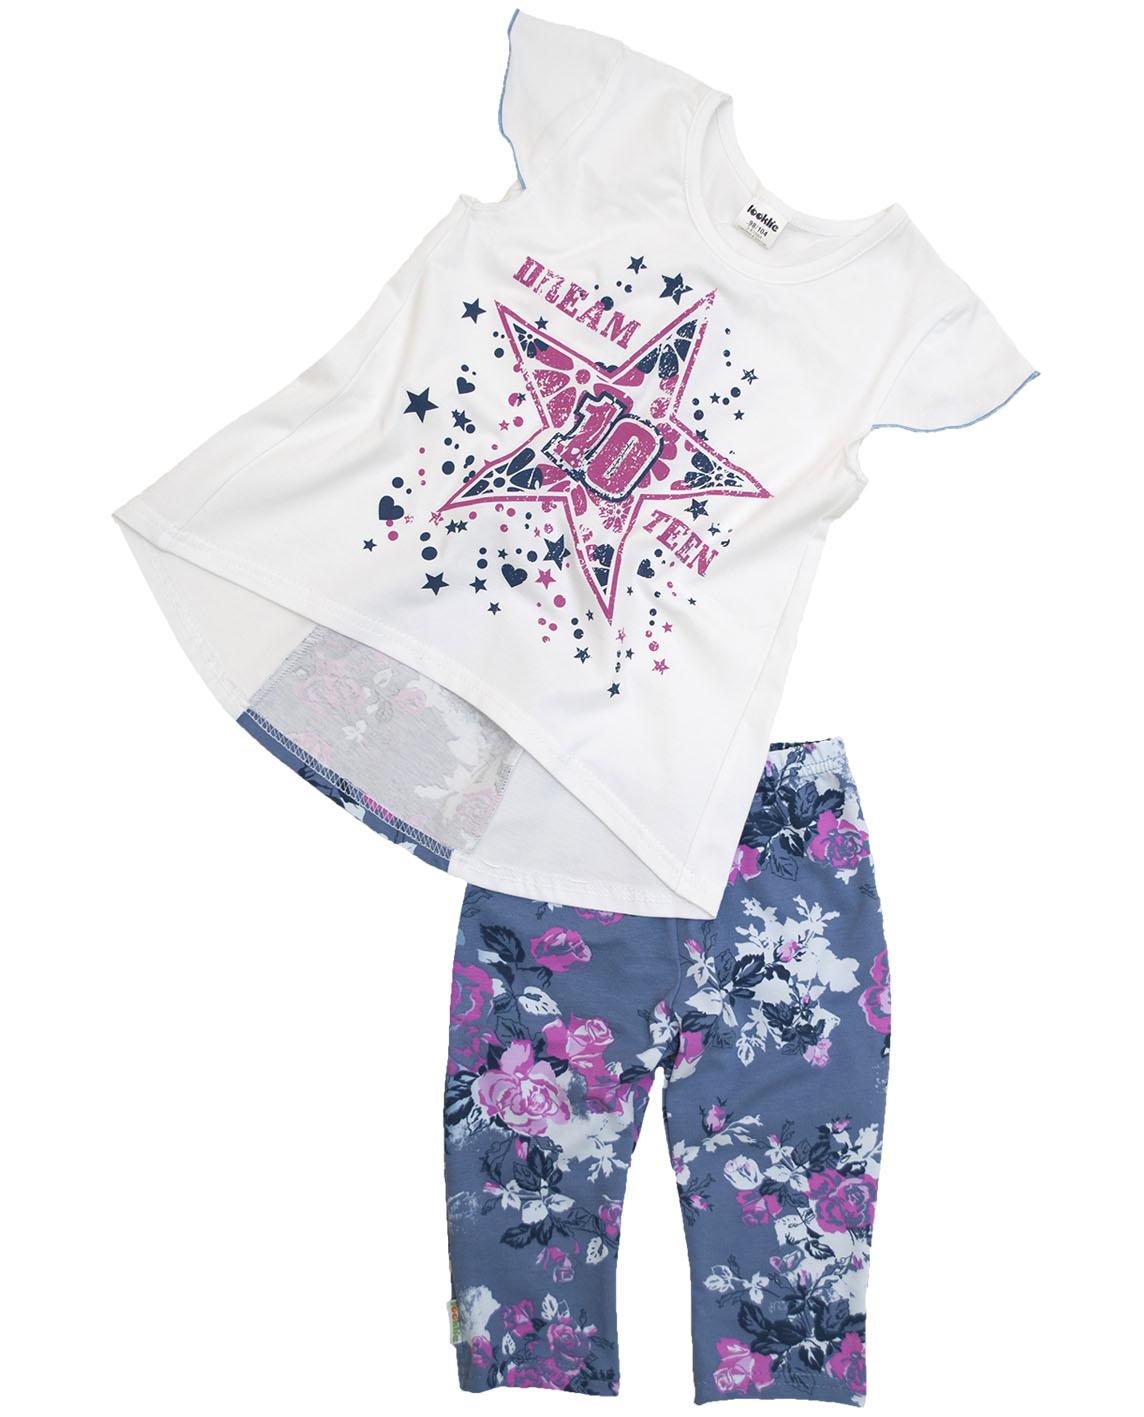 Супер-экспресс! Детская одежда Looklie - летние новинки. Быстро разбираем!